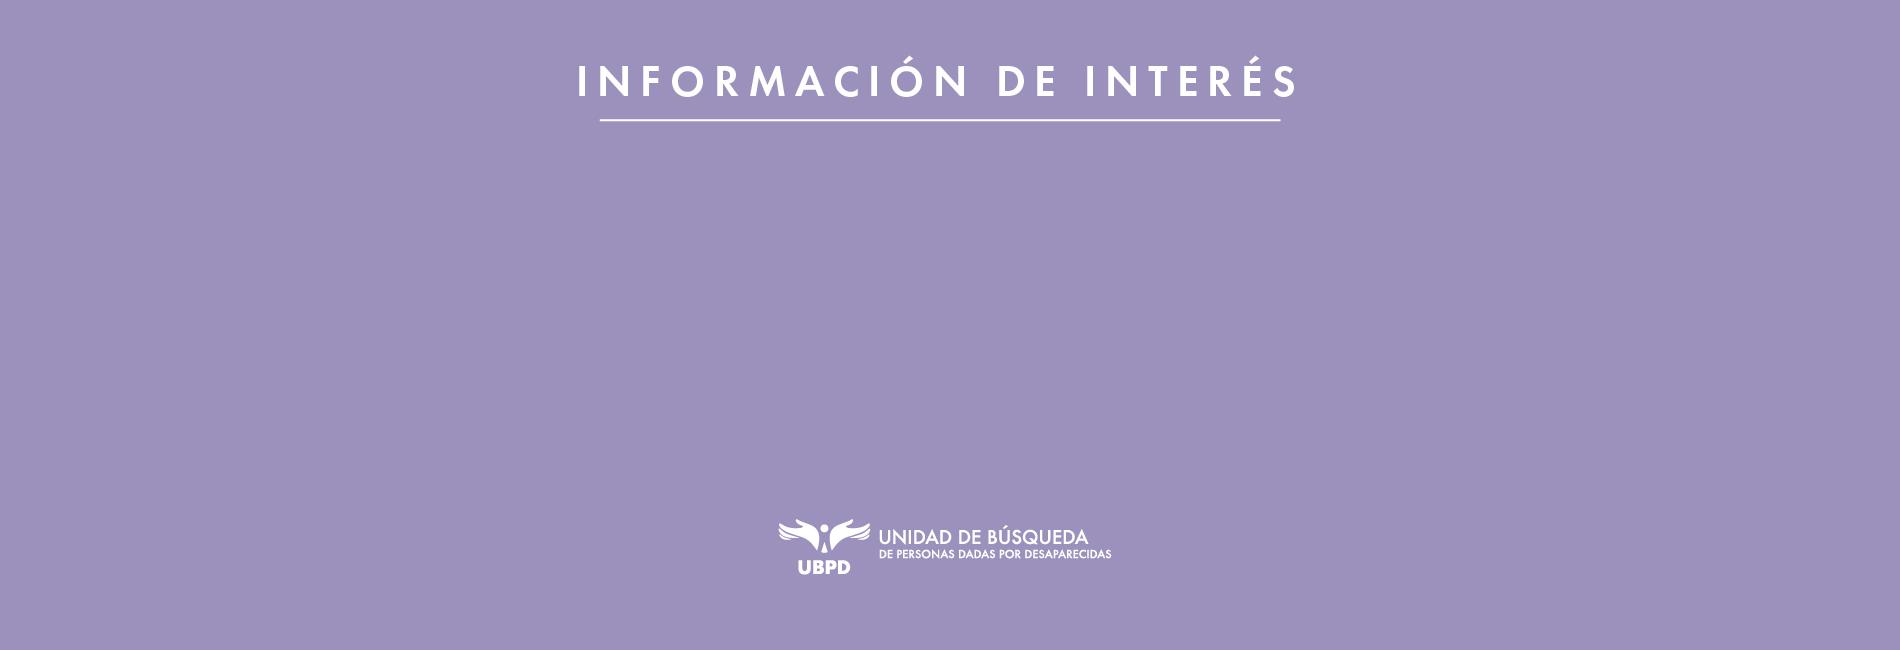 UBPD es premiada con el segundo lugar en estrategias de rendición de cuentas 2020